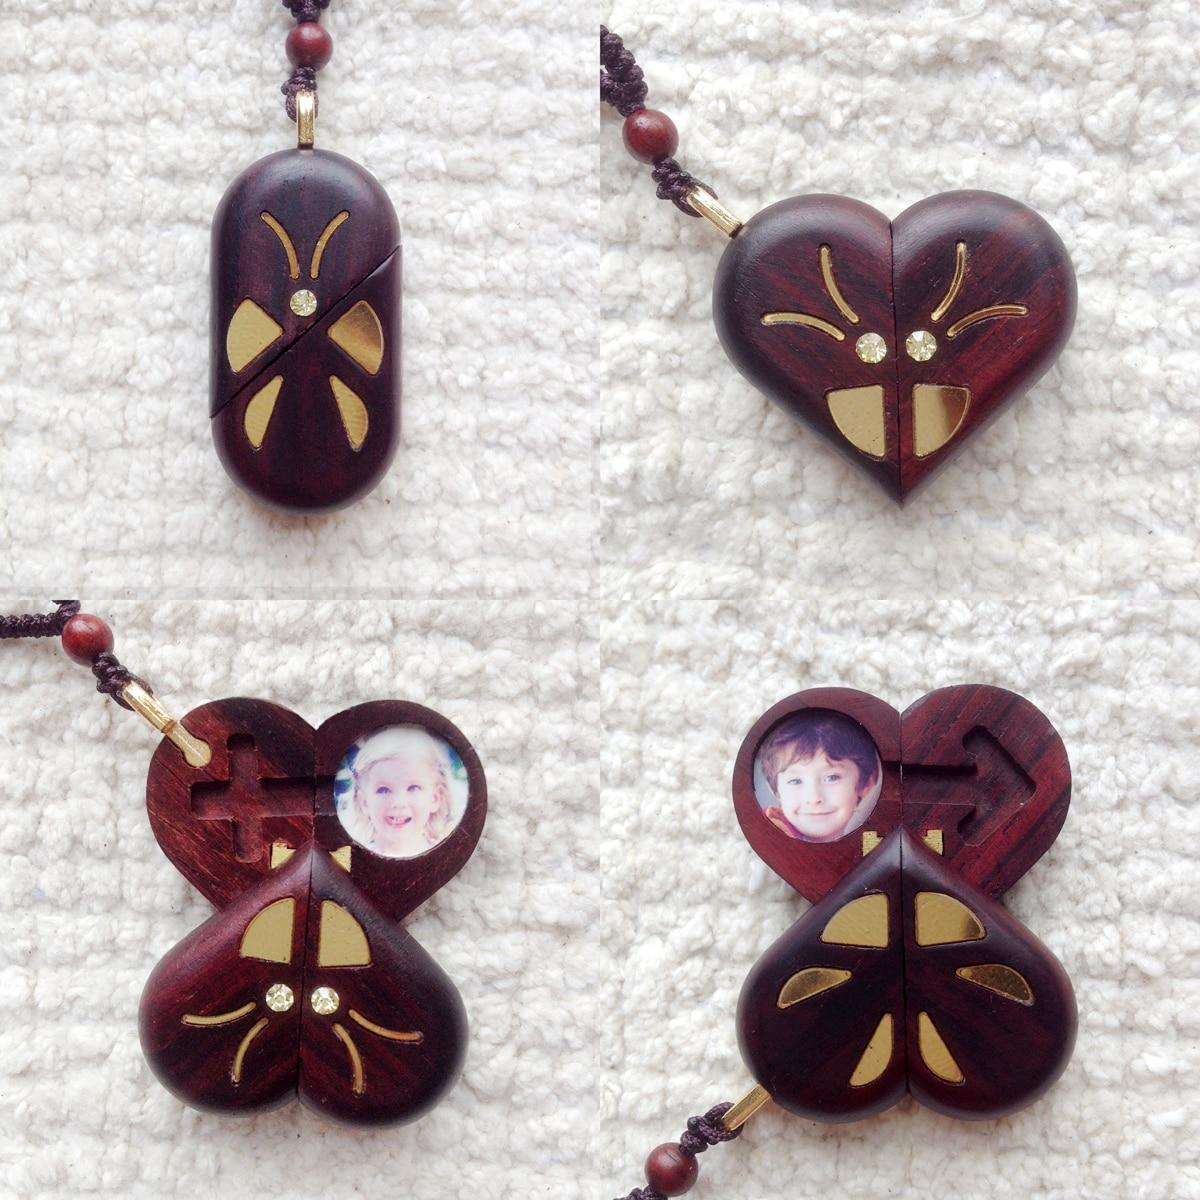 Le médaillon illusionniste papillon cadre Photo pendentif colliers tour de papillon magique noël anniversaire saint valentin cadeau